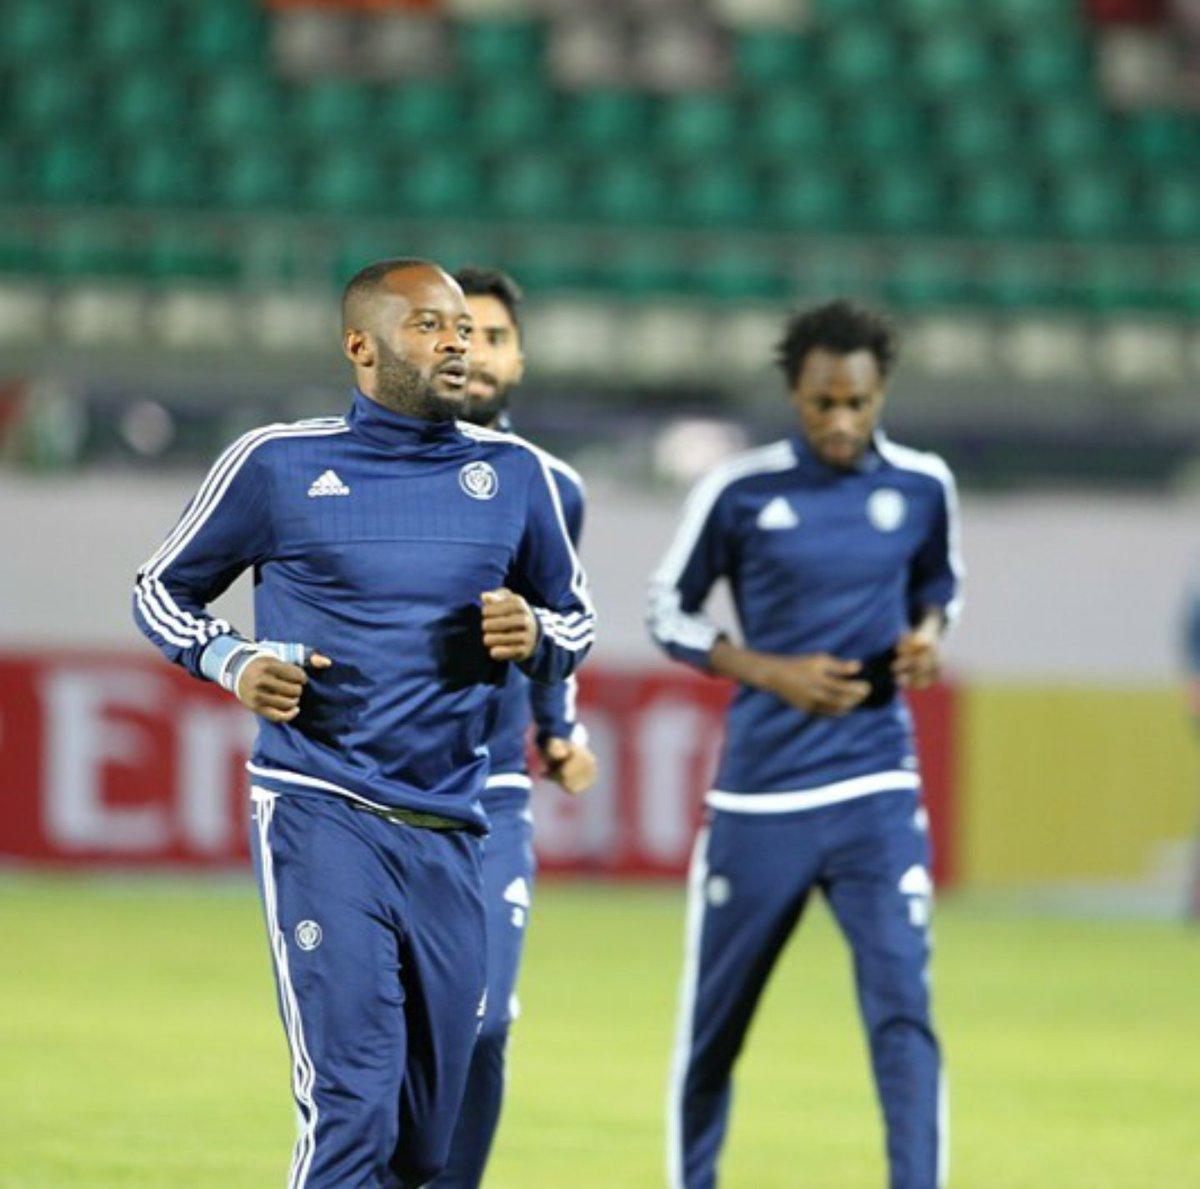 Jirès Kembo Ekoko On Twitter Yesterday Last Preparation For The